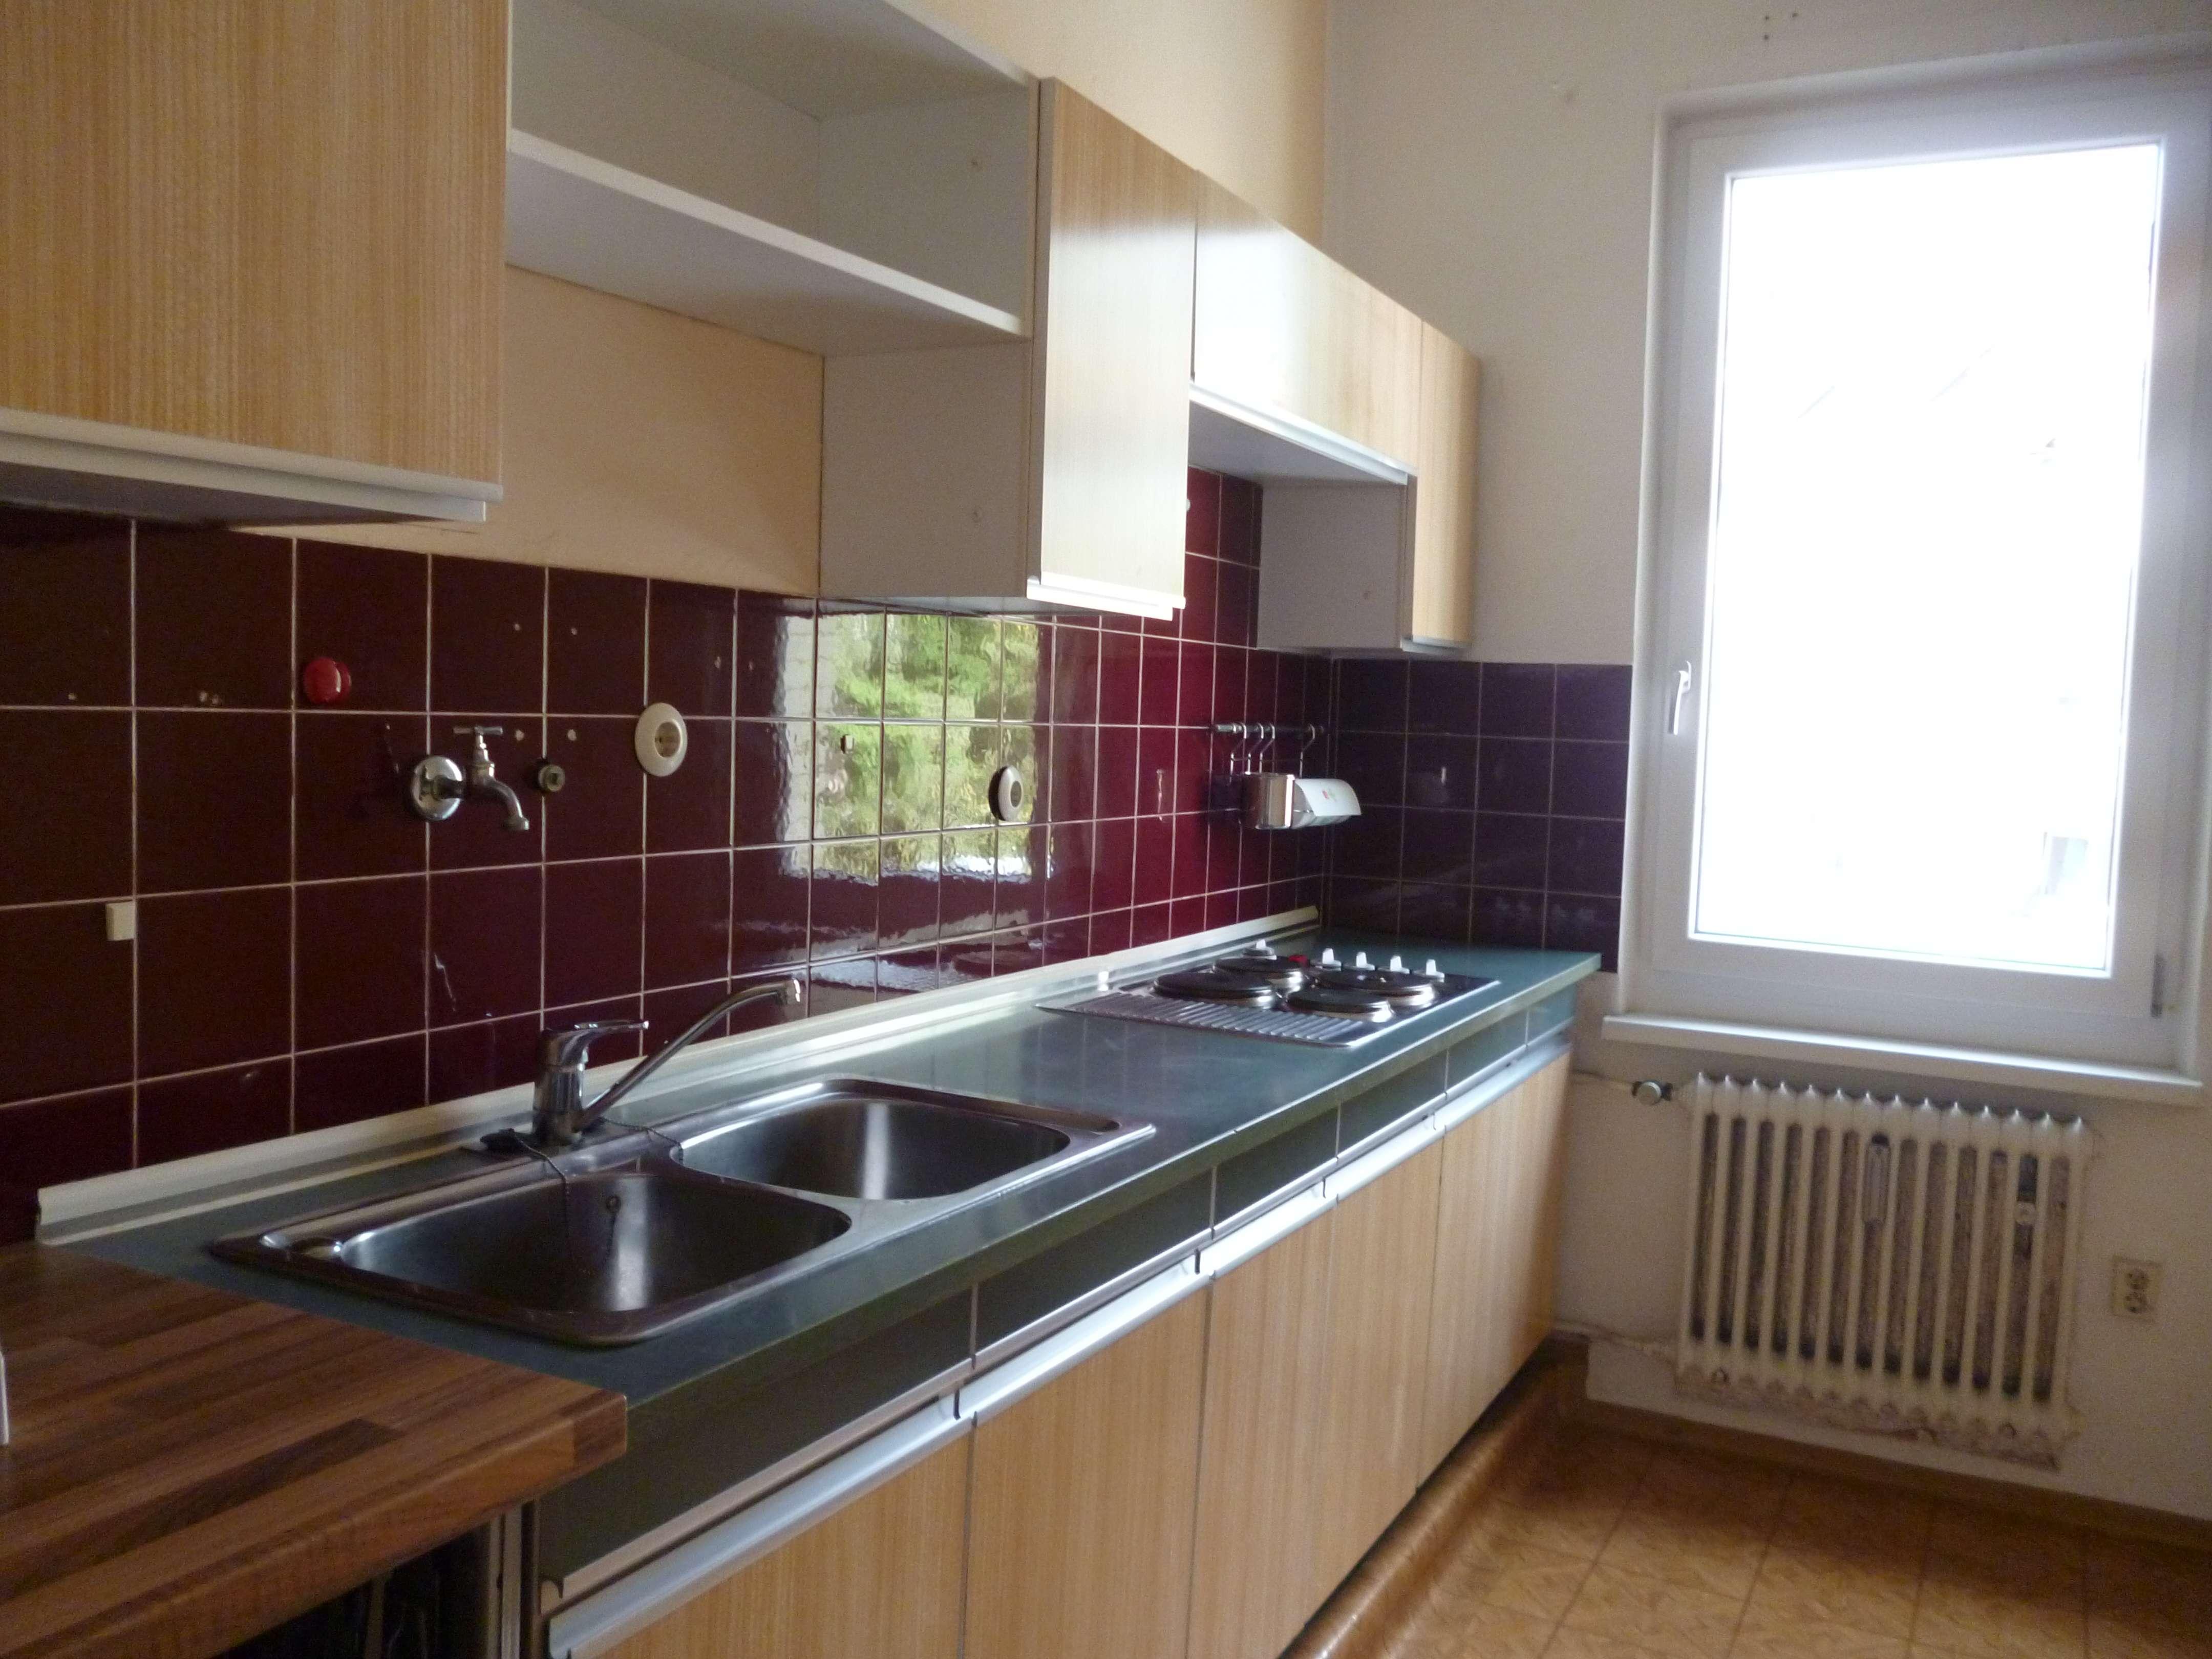 Großzügige Wohnung für 3er-WG im beliebten Stadtteil Gostenhof in Gostenhof (Nürnberg)